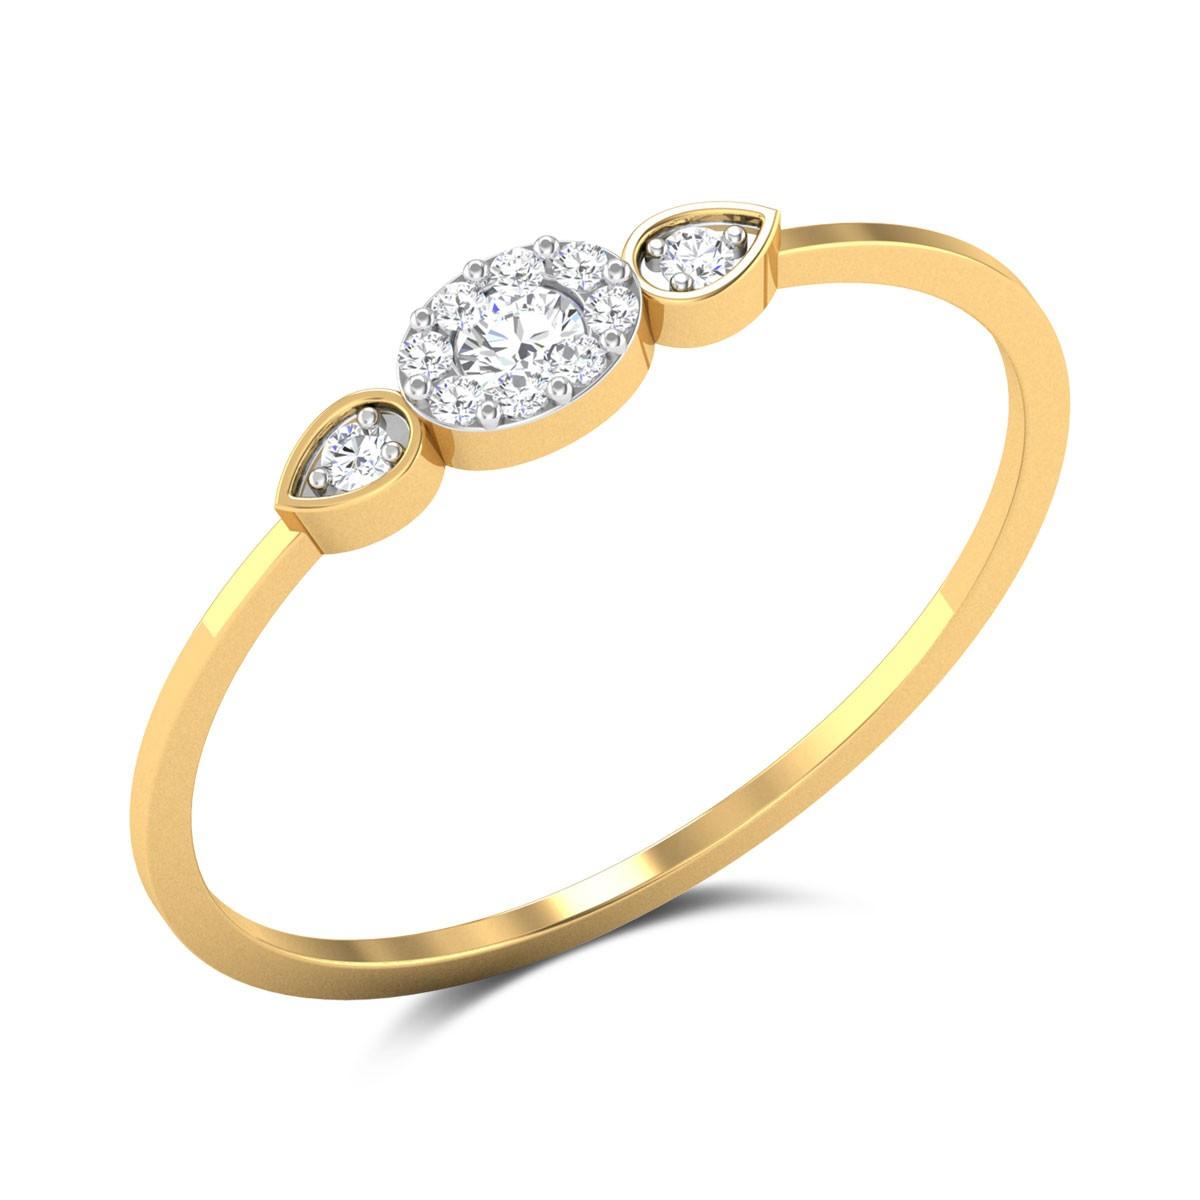 The Grio Diamond Ring